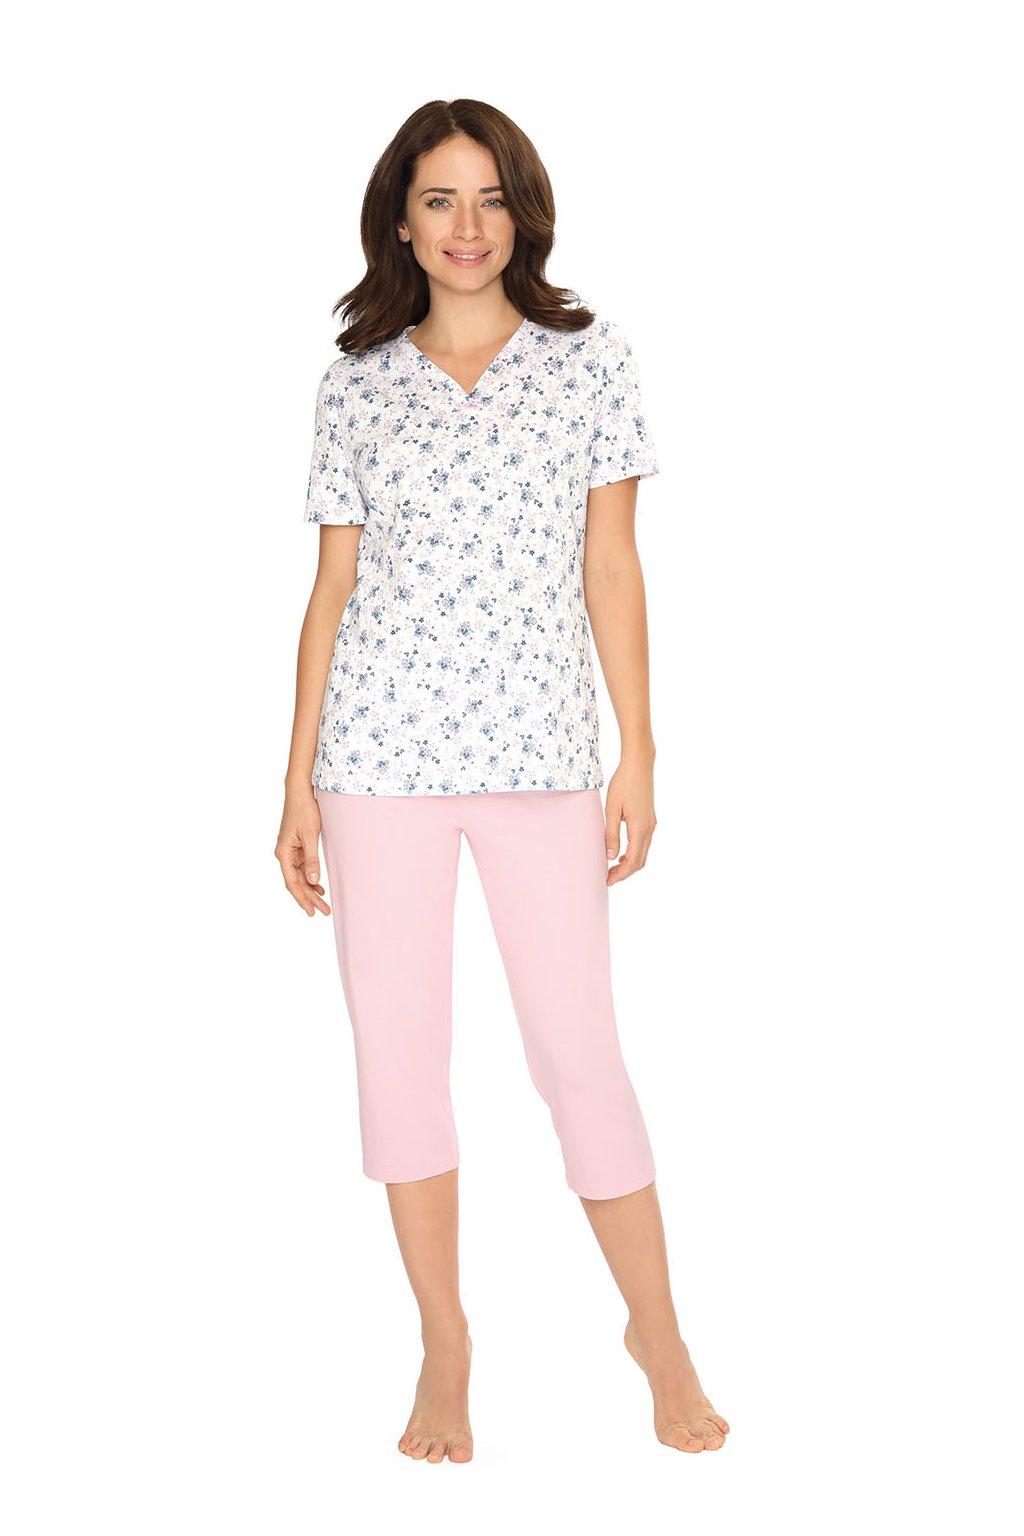 Dámské pyžamo s krátkým rukávem a 3/4 nohavicemi, 104482 10, růžová